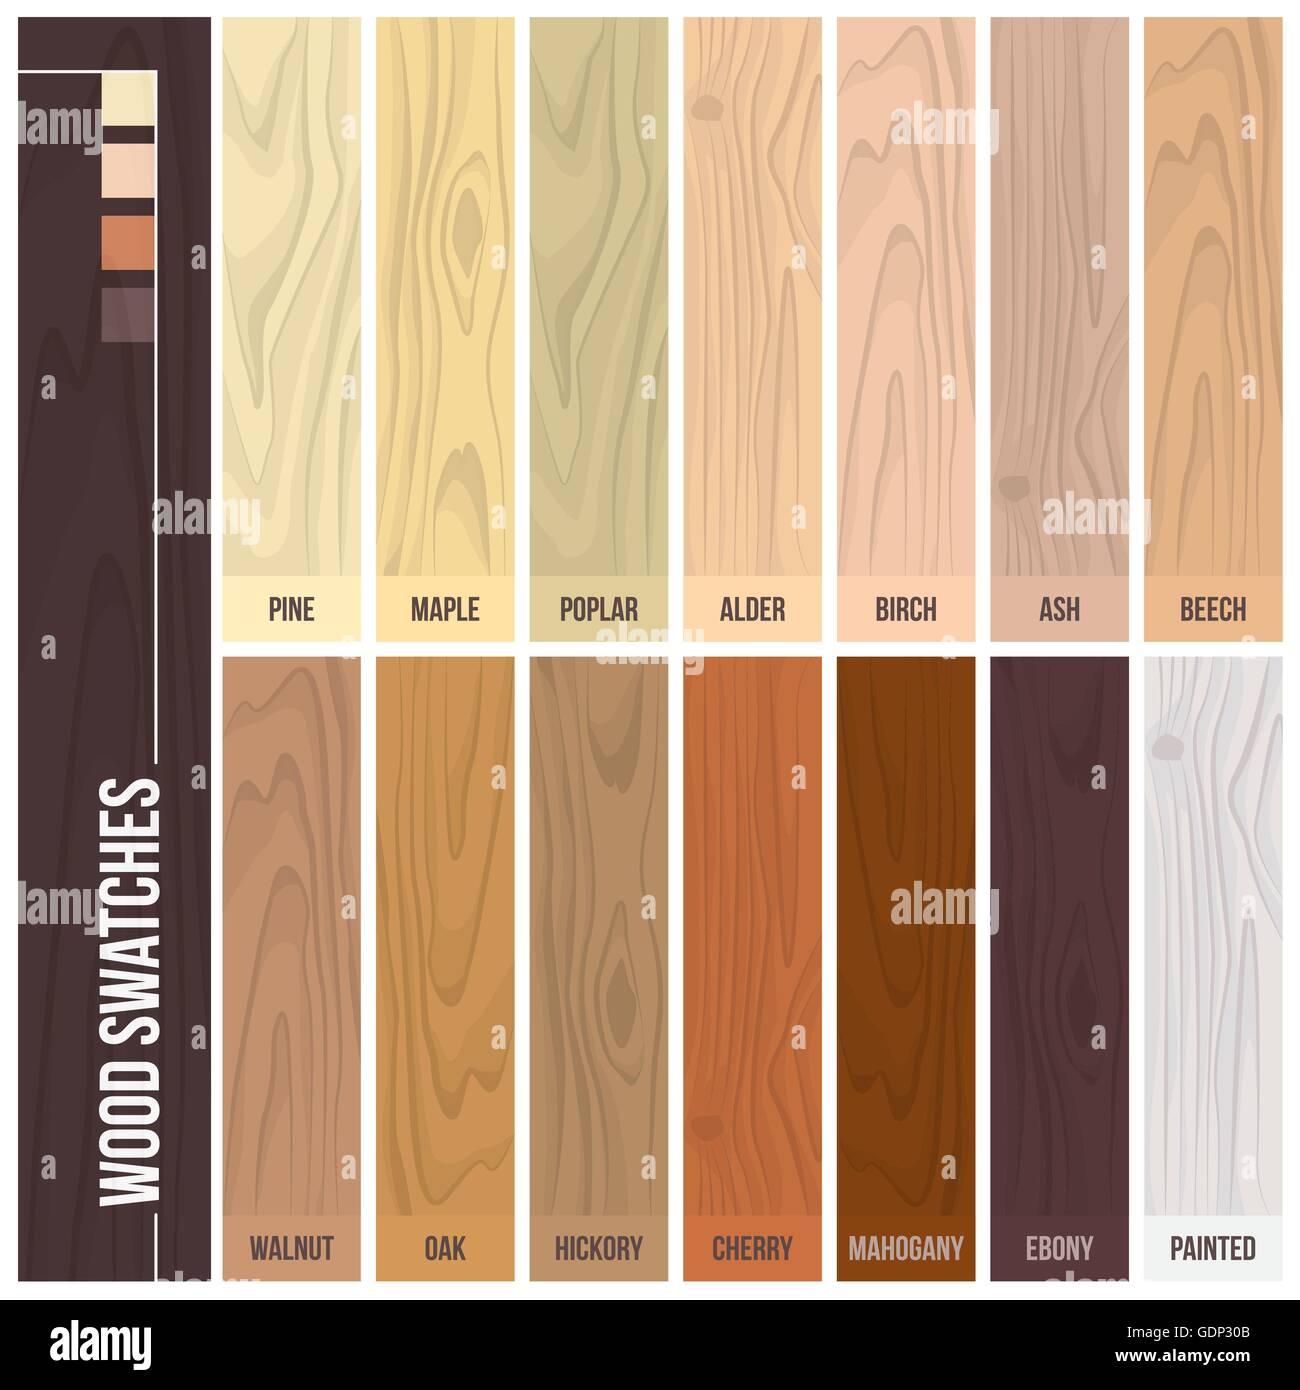 holz farbfelder farbtabelle mit verschiedenen pflanzen und farben